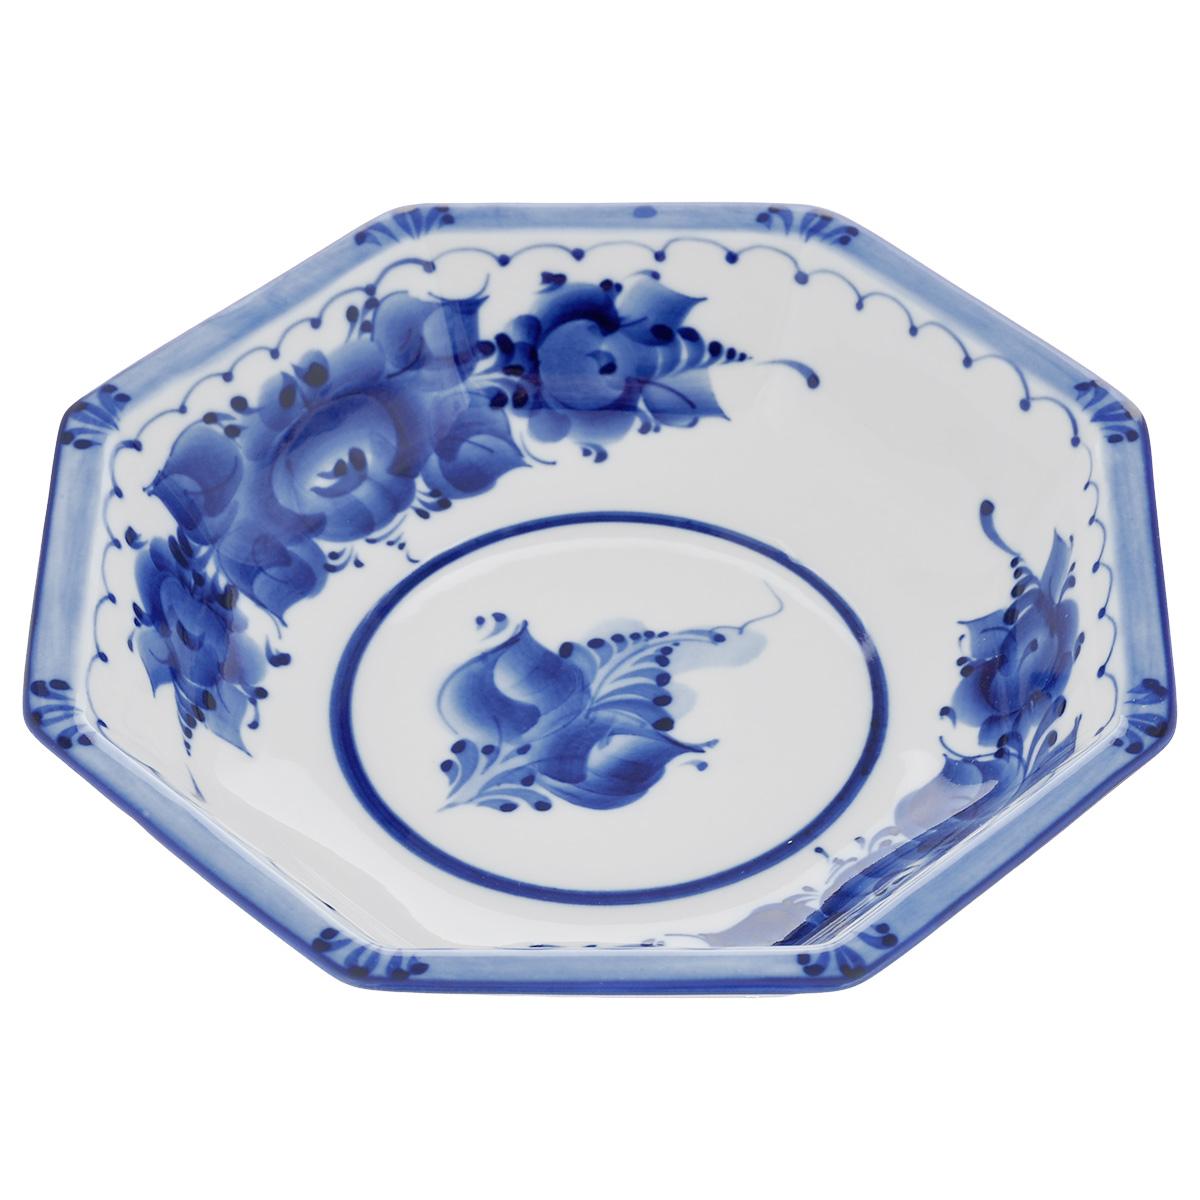 Салатник Европейский, цвет: белый, синий, 19 см х 19 см х 4 см993040131Салатник Европейский выполнен из высококачественного фарфора и декорирован росписью в технике гжель. Салатник сочетает в себе изысканный дизайн с максимальной функциональностью. Он прекрасно впишется в интерьер вашей кухни и станет достойным дополнением к кухонному инвентарю. Салатник не только украсит ваш кухонный стол и подчеркнет прекрасный вкус хозяйки, но и станет отличным подарком. Размер: 19 см х 19 см х 4 см.